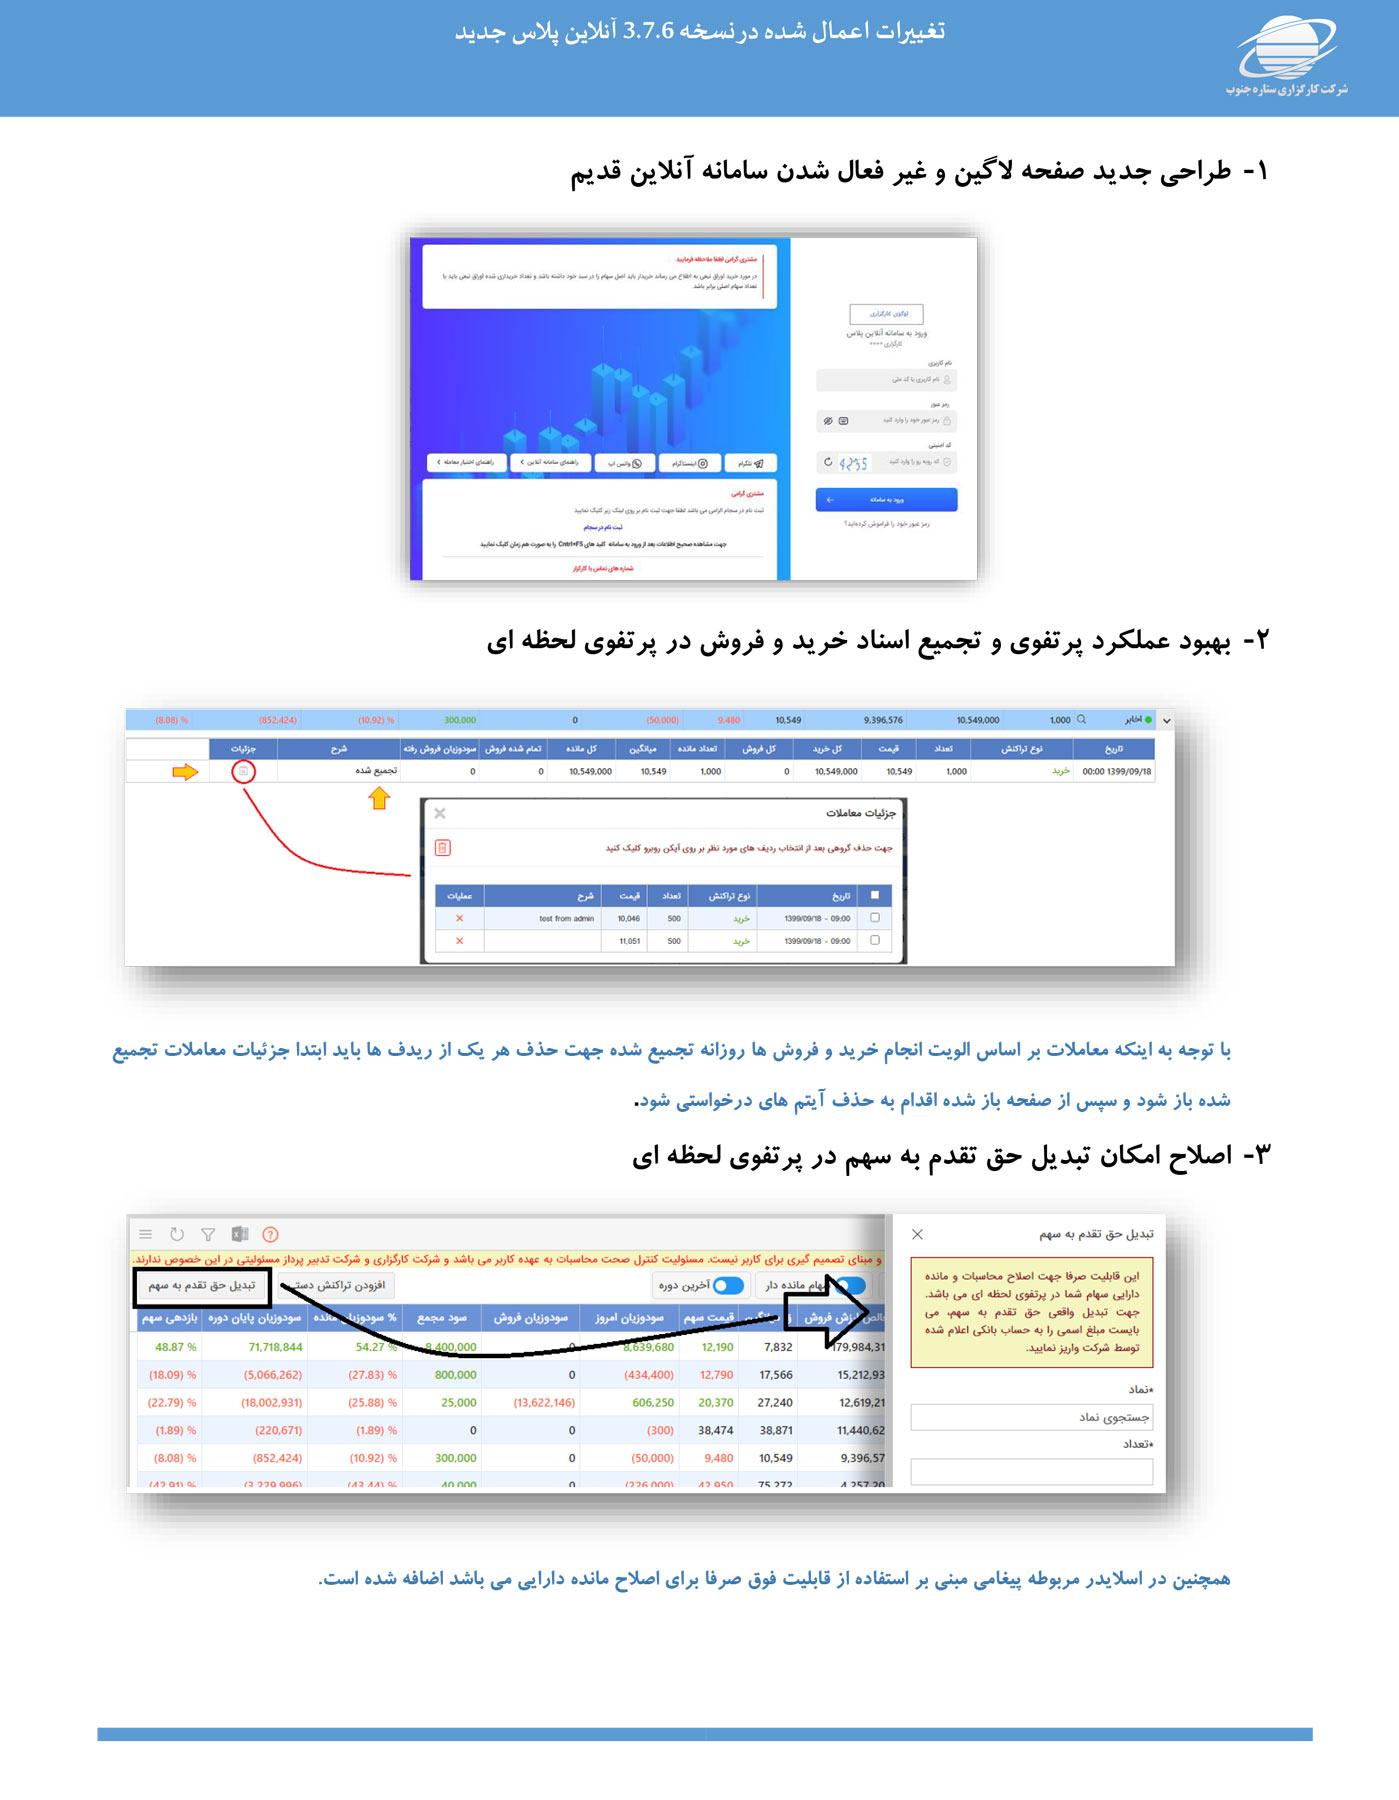 آنلاین پلاس